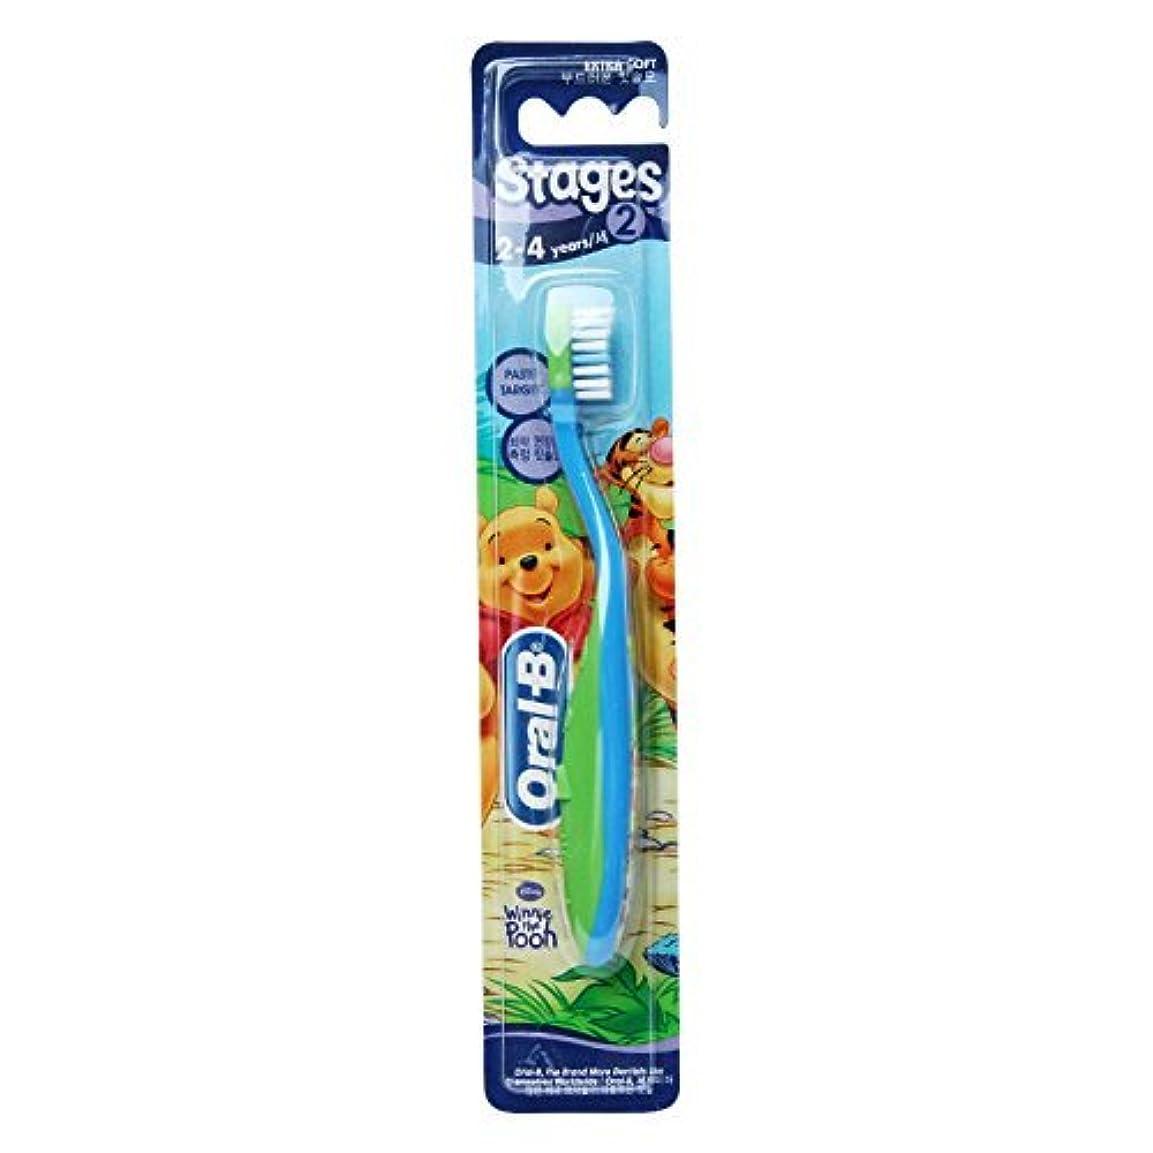 母音確認する崩壊Oral-B Stages 2 Toothbrush 2 - 4 years 1 Pack /GENUINEと元の梱包 [並行輸入品]